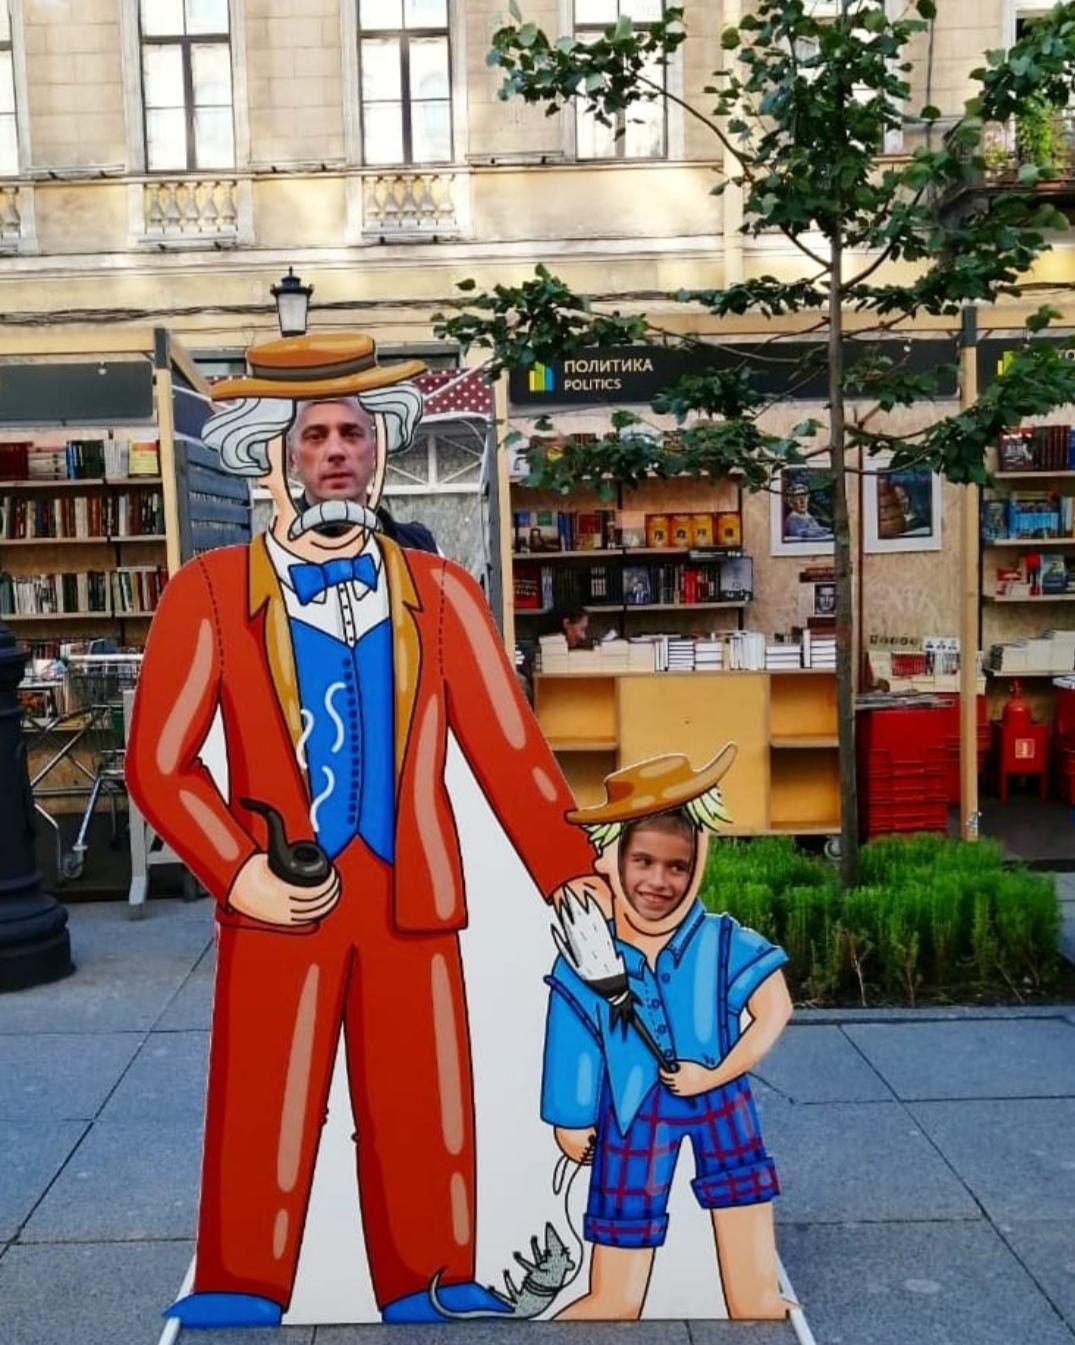 Марк Твен и его Том Сойер. В образе